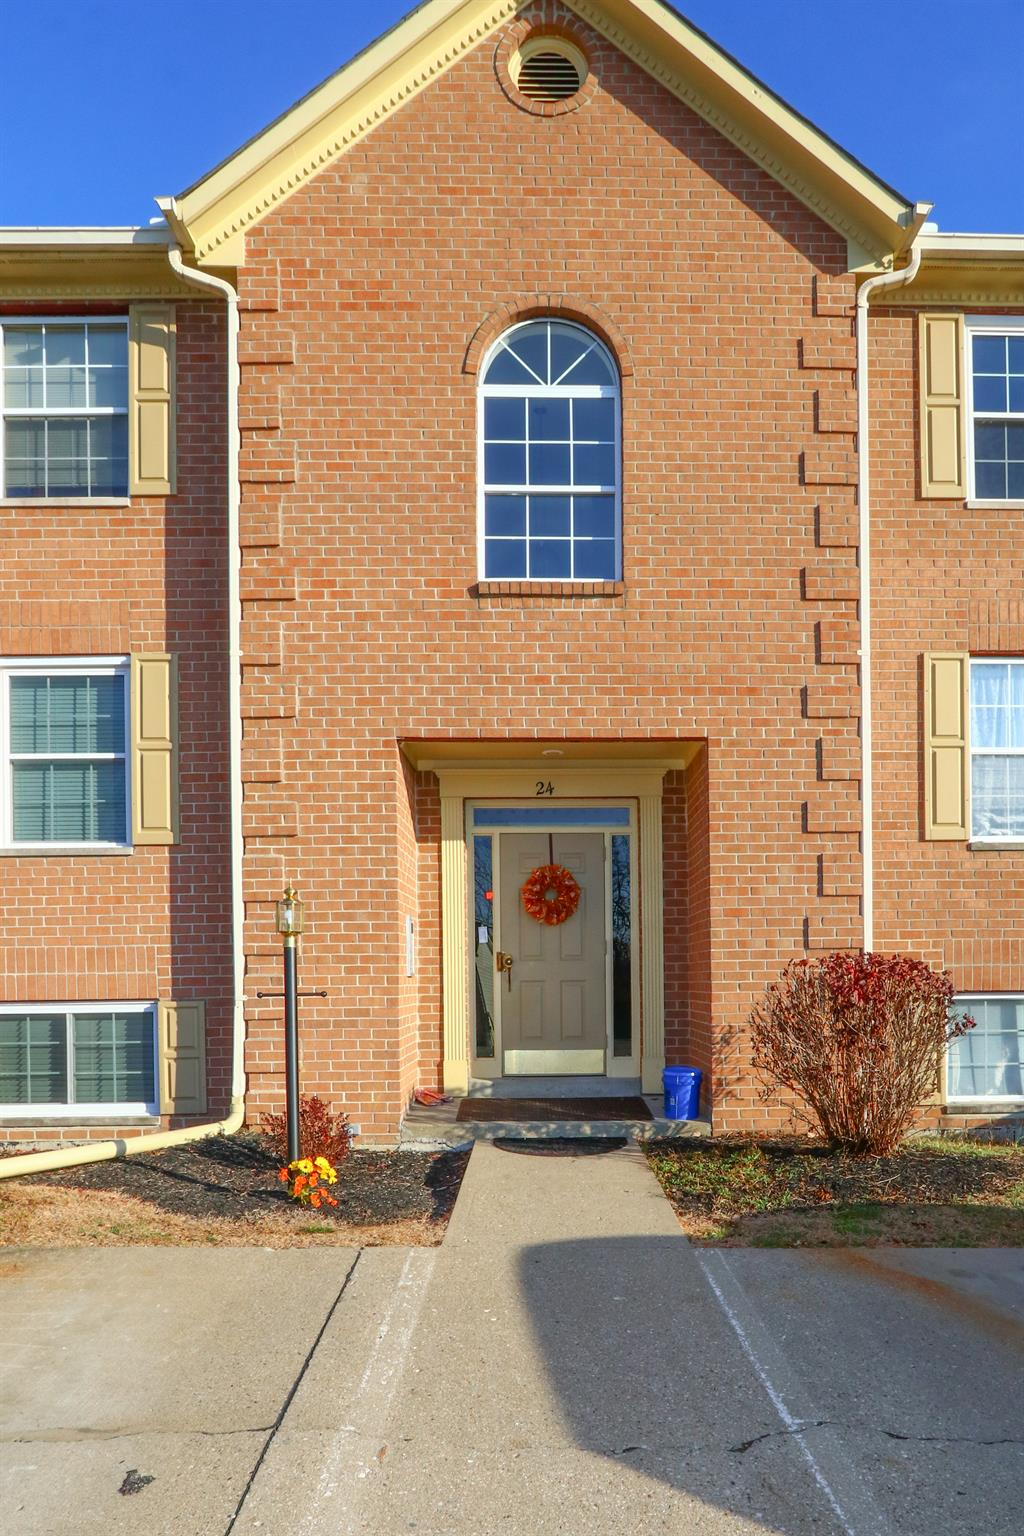 Entrance for 24 Highland Meadows Cir, 12 Highland Heights, KY 41076